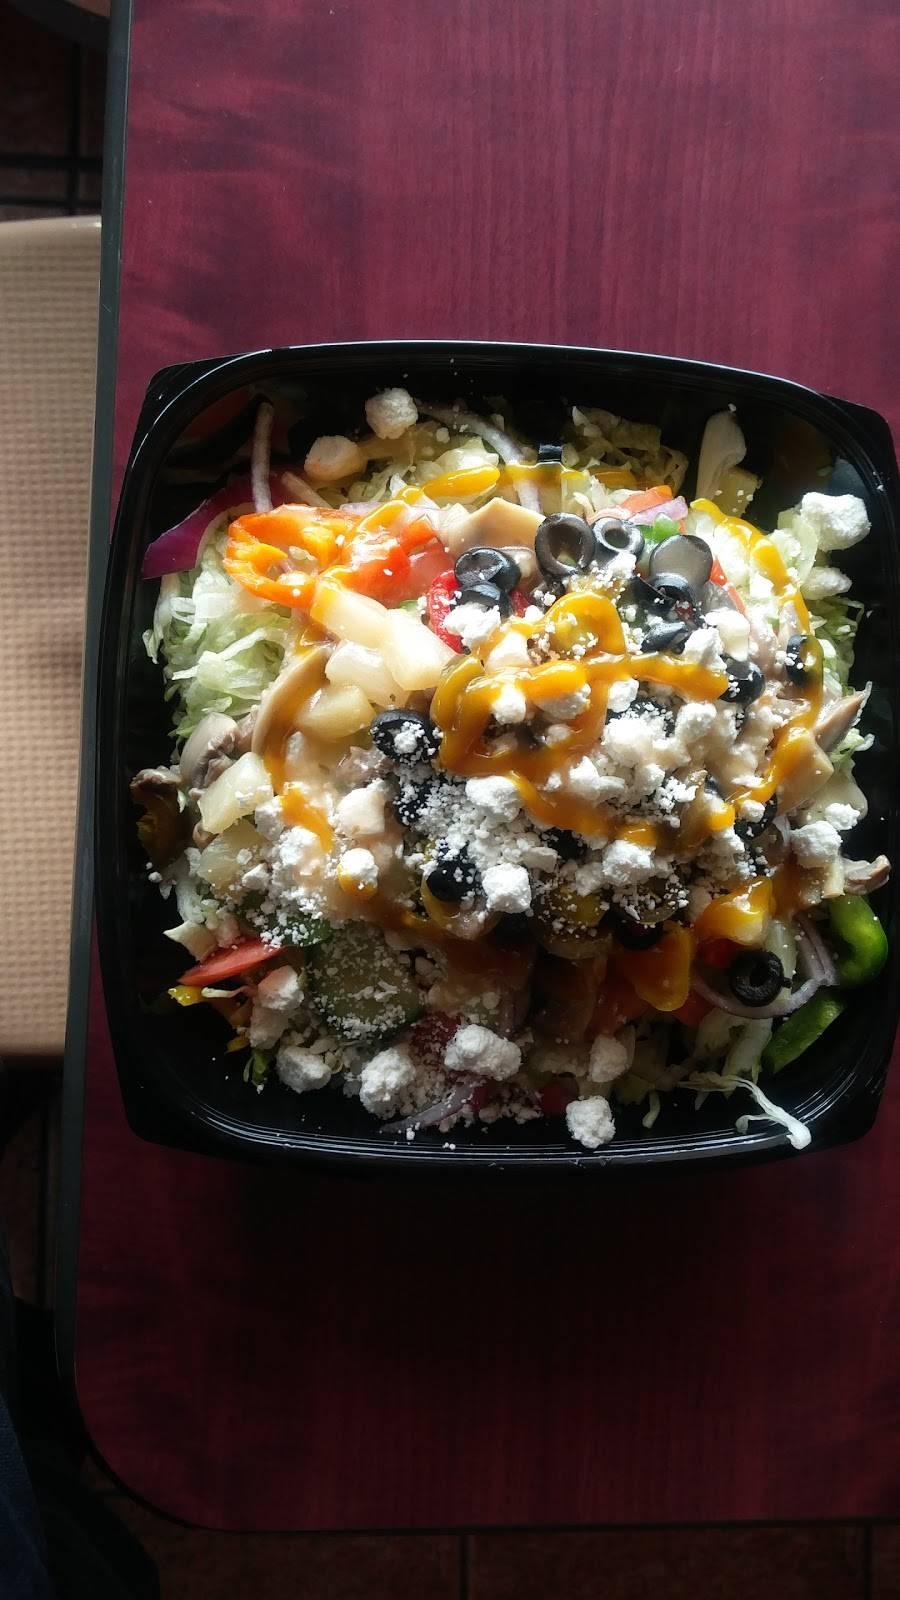 MR.SUB | restaurant | 240 Silvercreek Pkwy N, Guelph, ON N1H 7P8, Canada | 5198222820 OR +1 519-822-2820